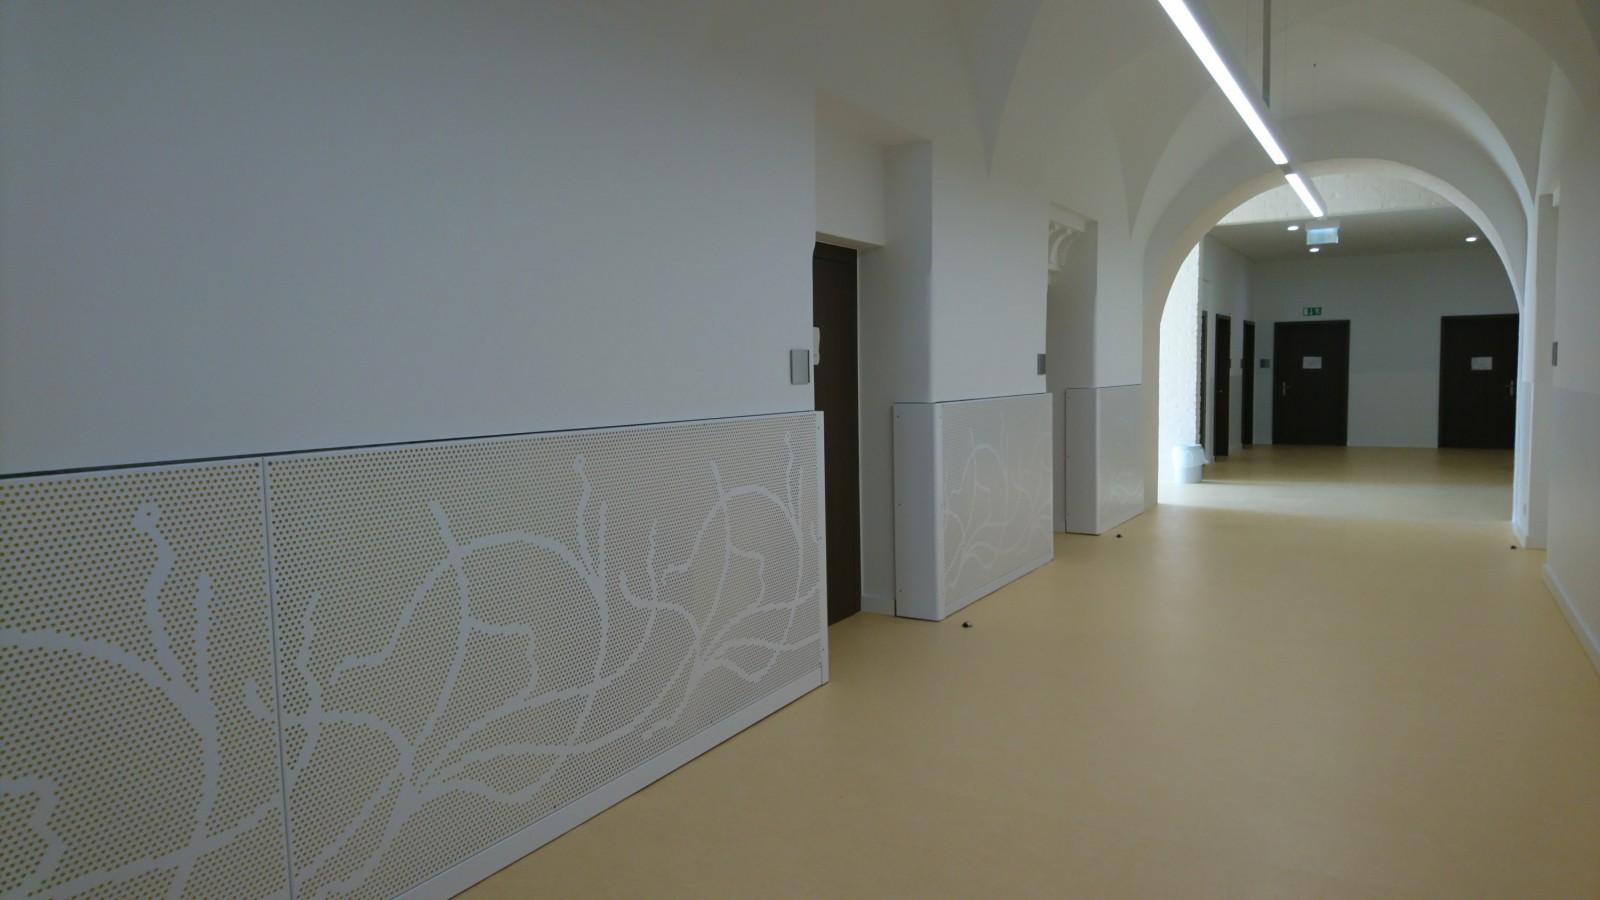 Inbetriebnahme 1. BA Grundschule an der Haimhauser Straße, München